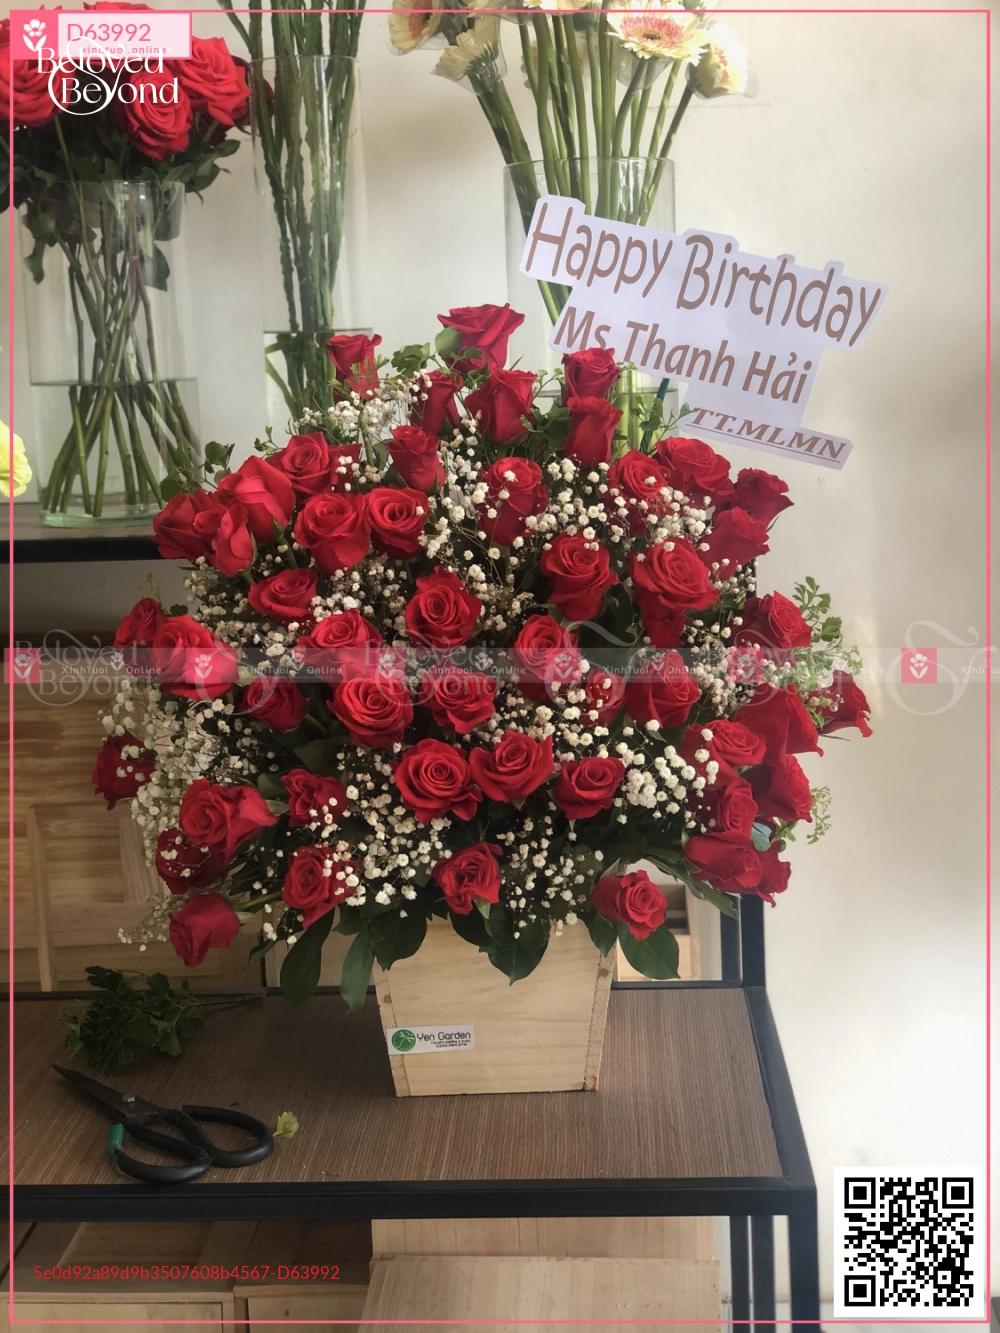 Lẵng hồng đỏ - D63992 - xinhtuoi.online